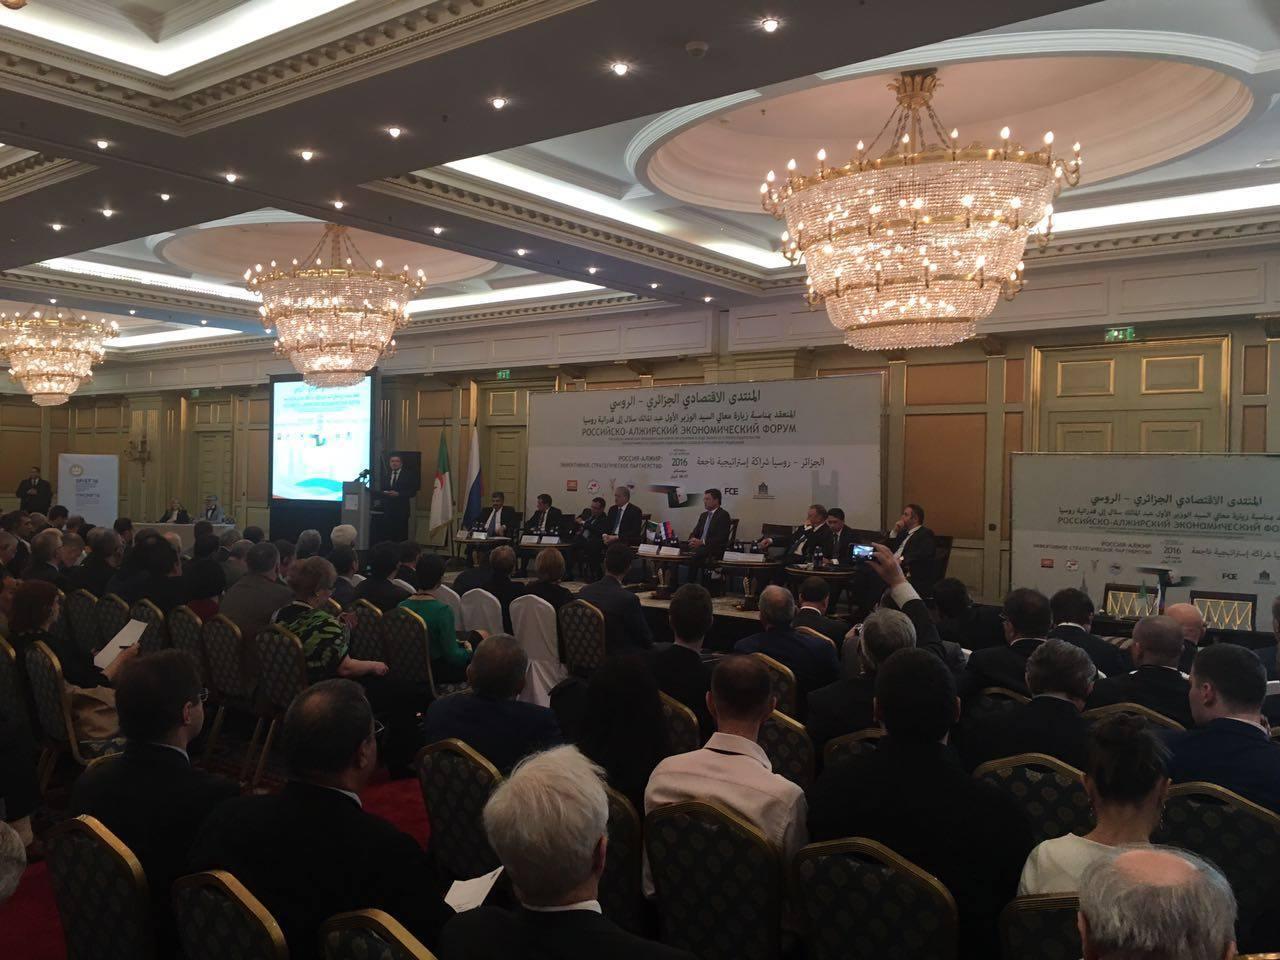 العلاقات الجزائرية الروسية - صفحة 3 26410246260_2b8c7138d8_o